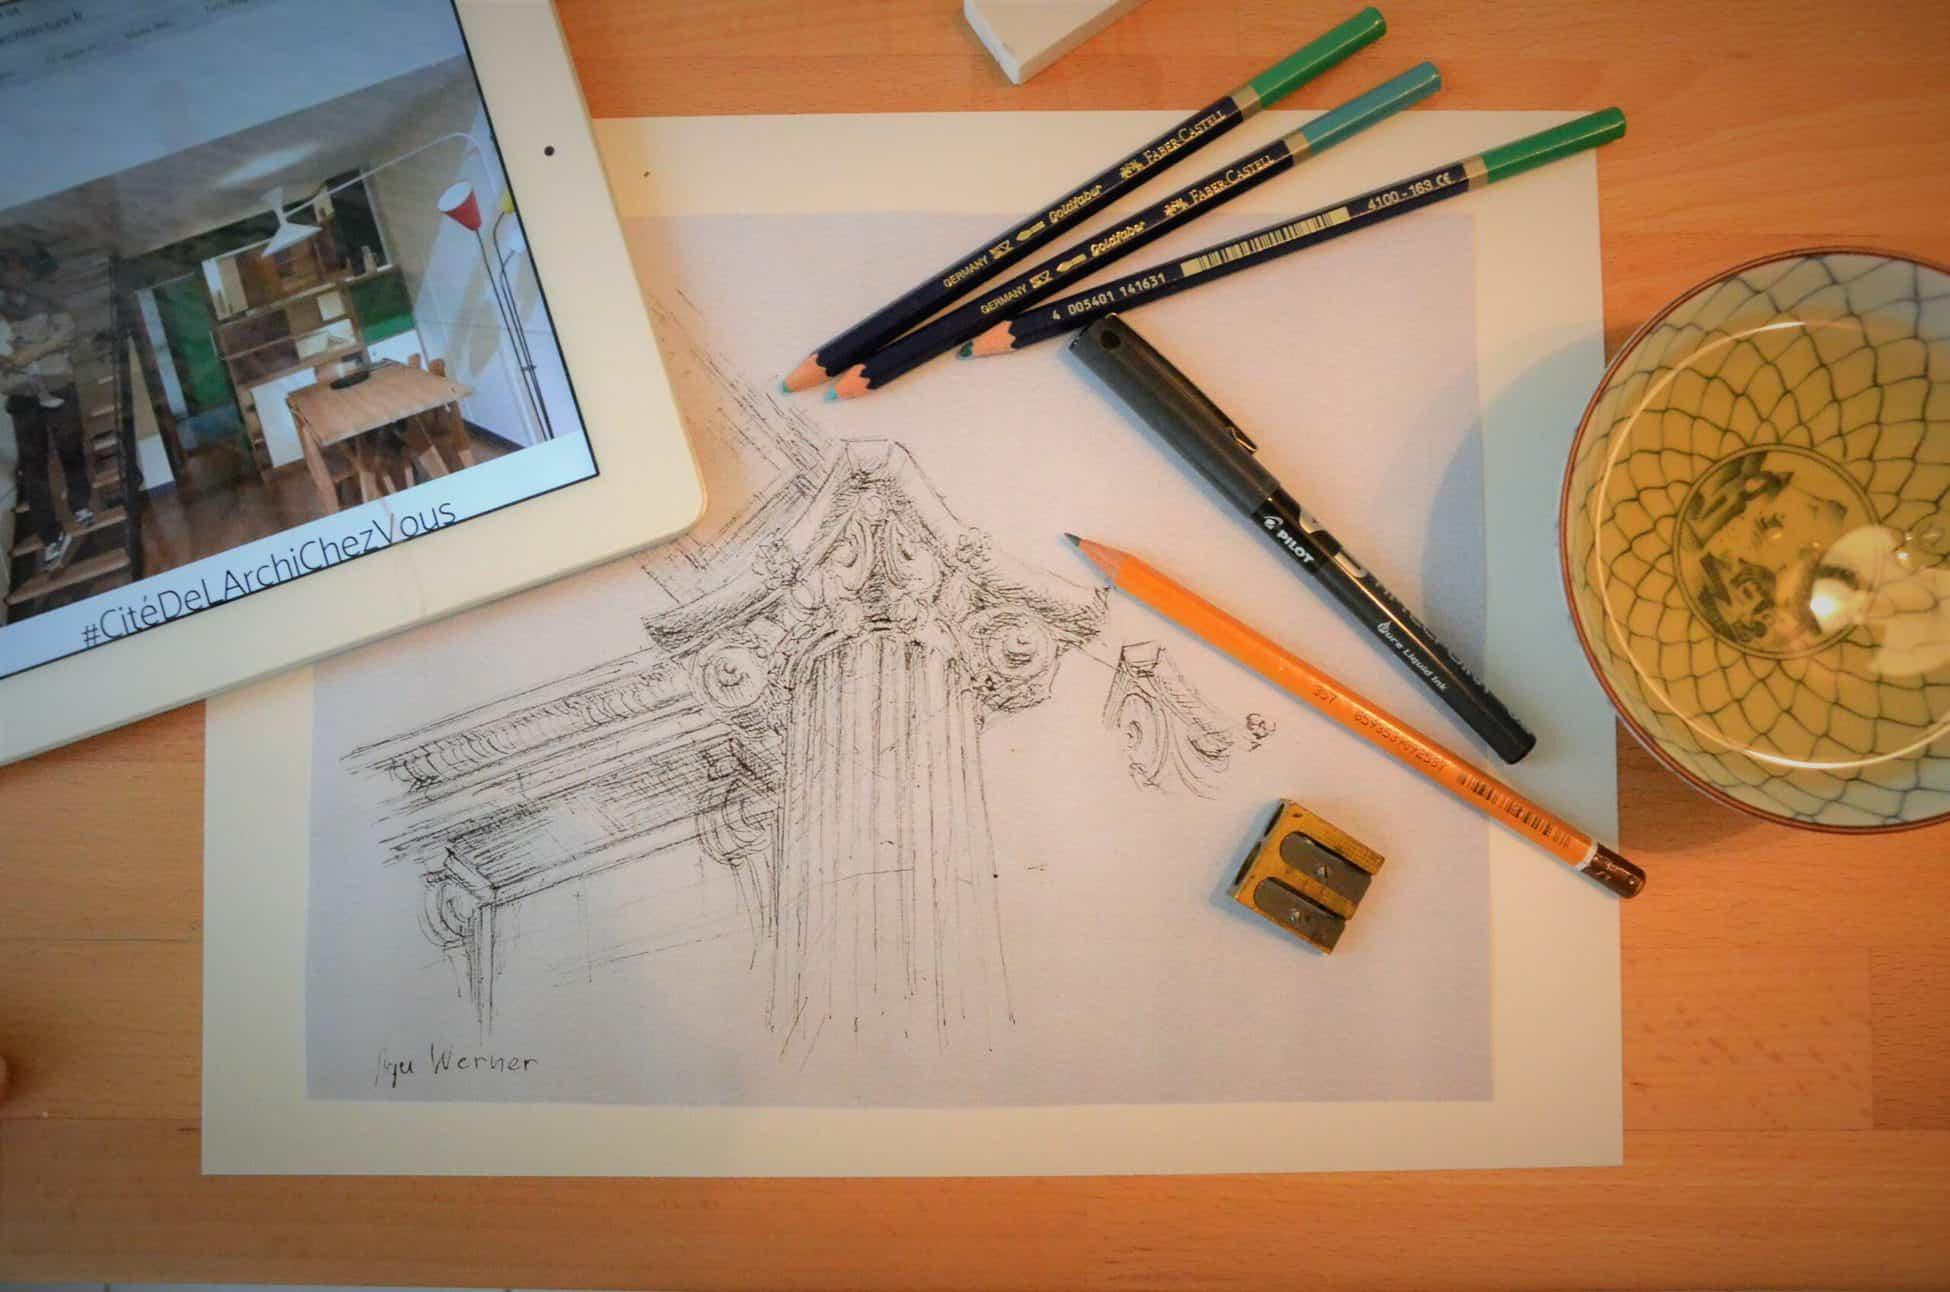 Atelier_dessin_en_ligne_web_(c)Citedelarchitecture